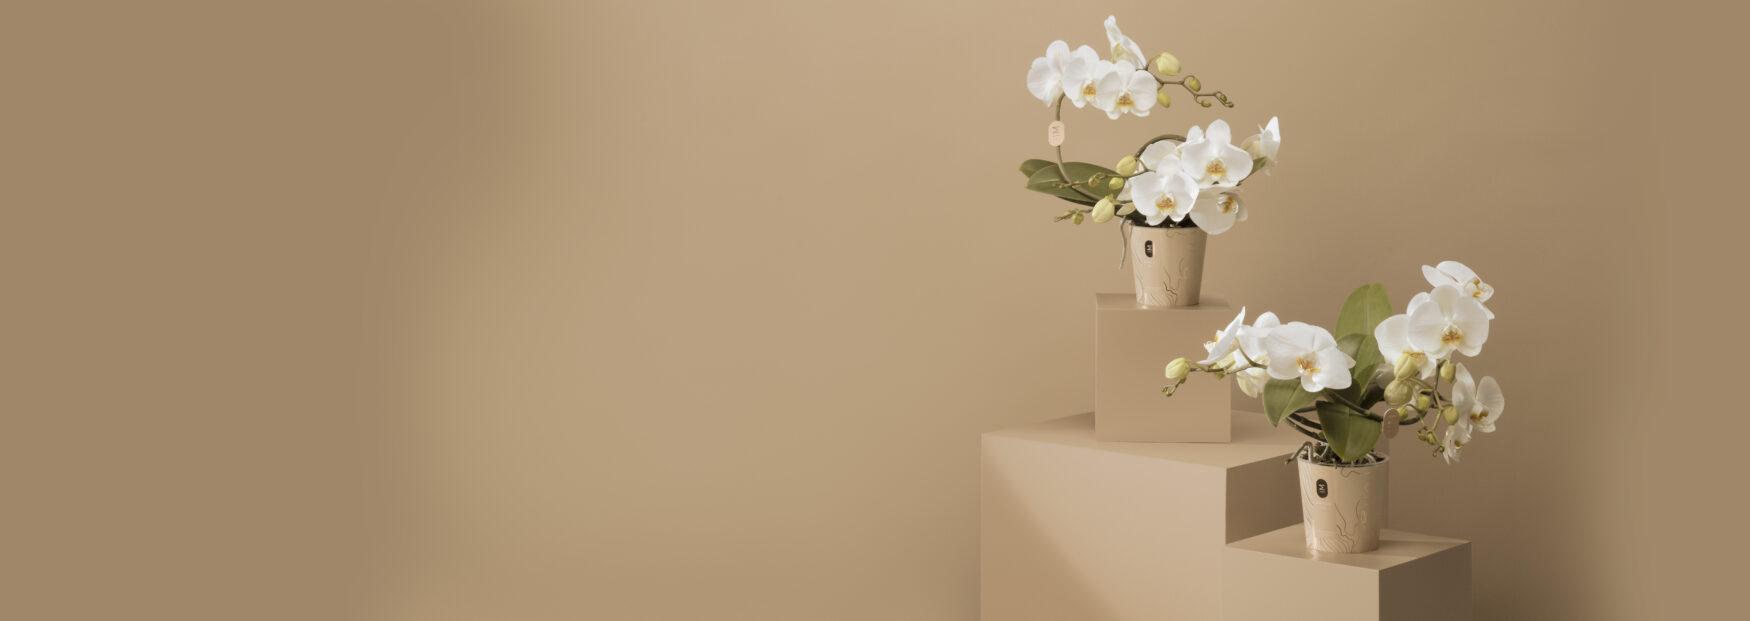 Inspirerend trouwwerk in roze van Mimesis Orchids